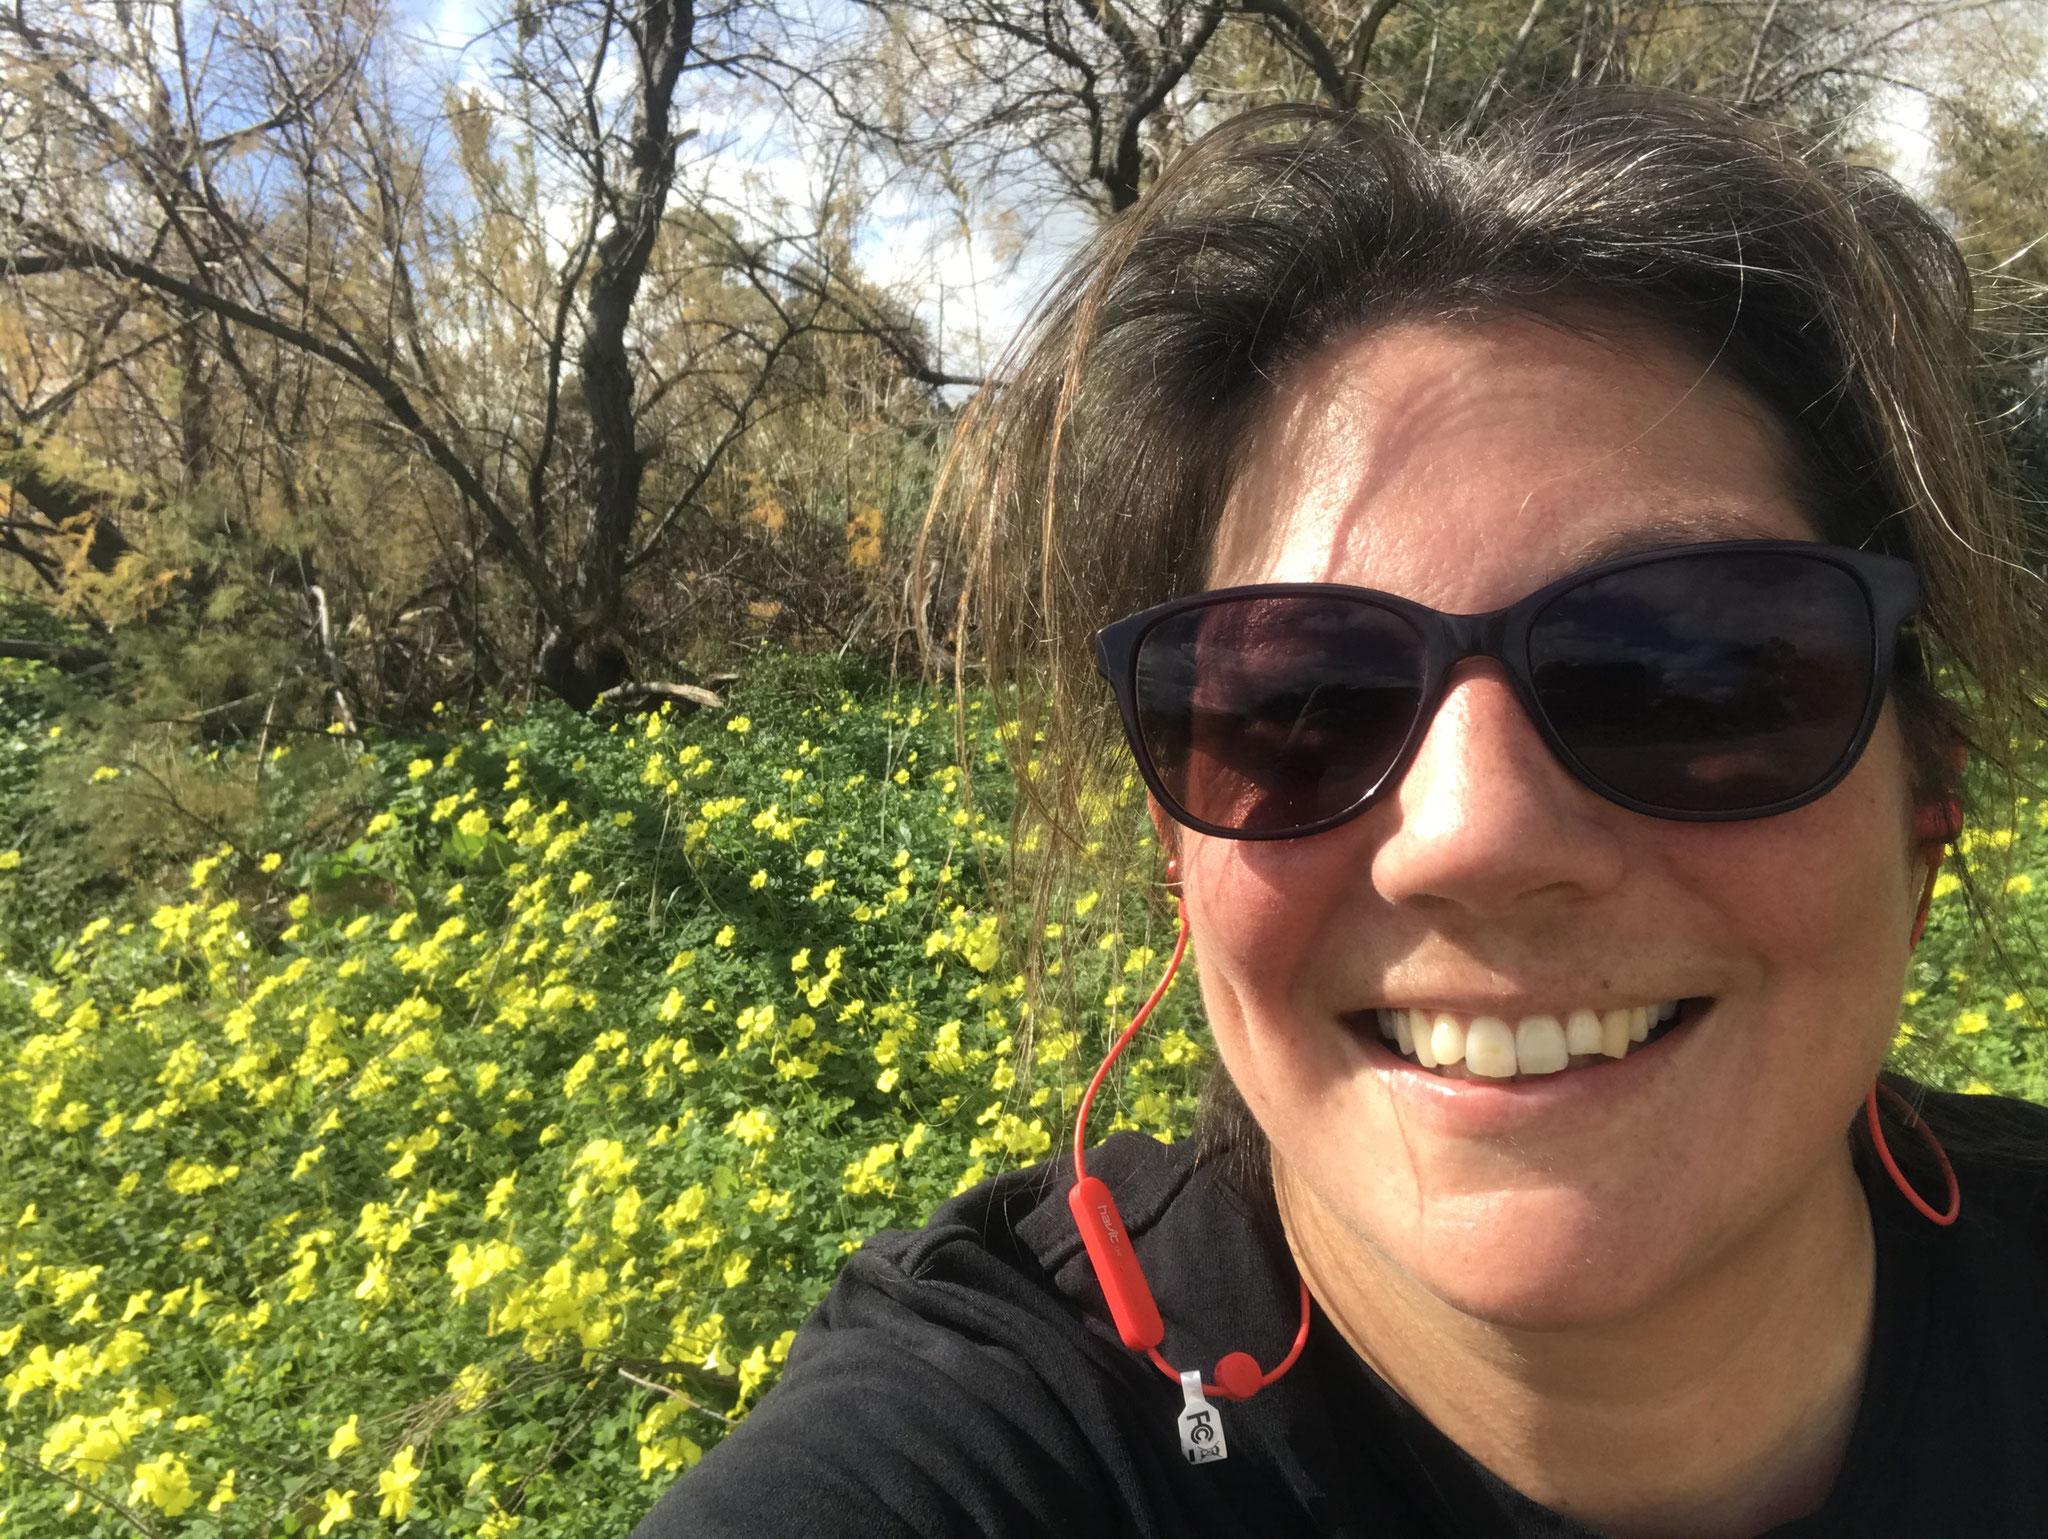 der Frühling (zumindest bis Mitte März) / Spring (at least until mid march)